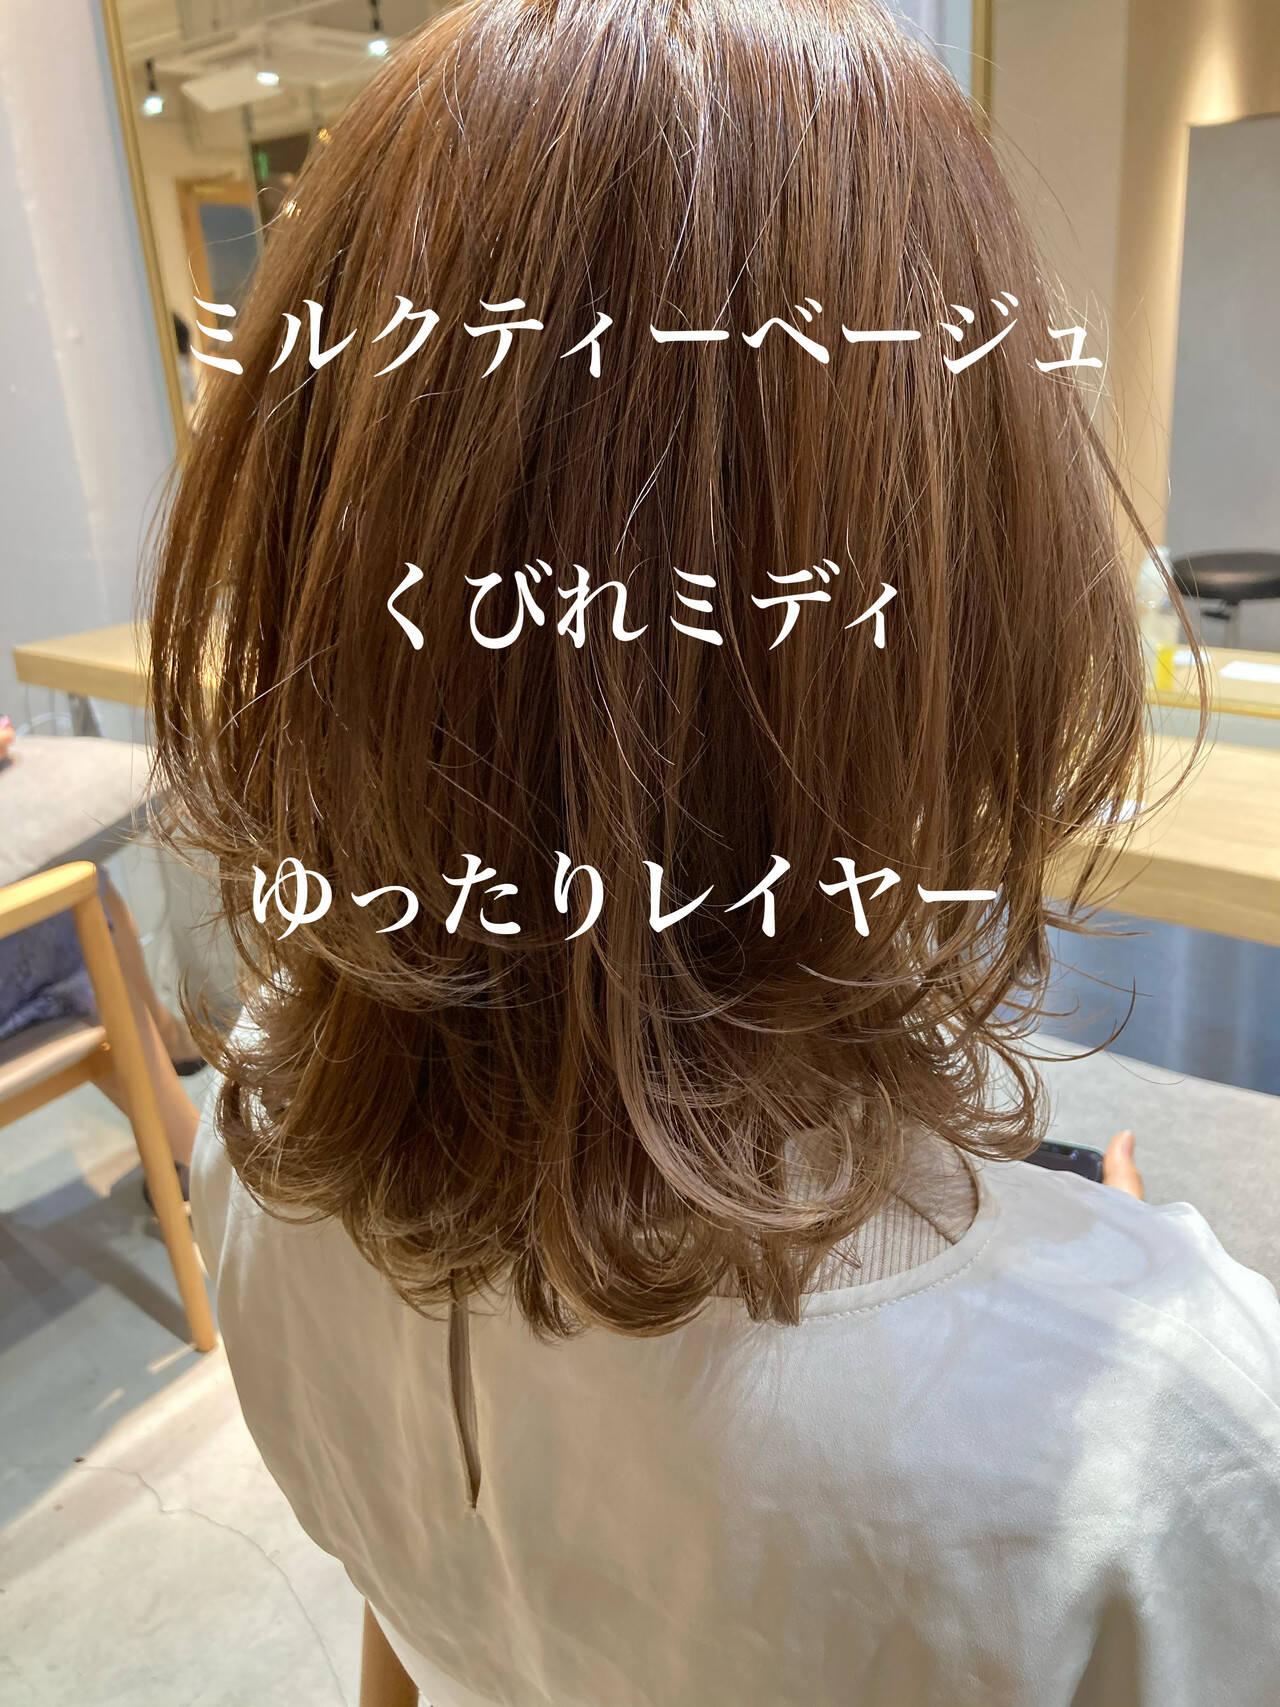 アンニュイほつれヘア ミディアムレイヤー デジタルパーマ ナチュラルヘアスタイルや髪型の写真・画像